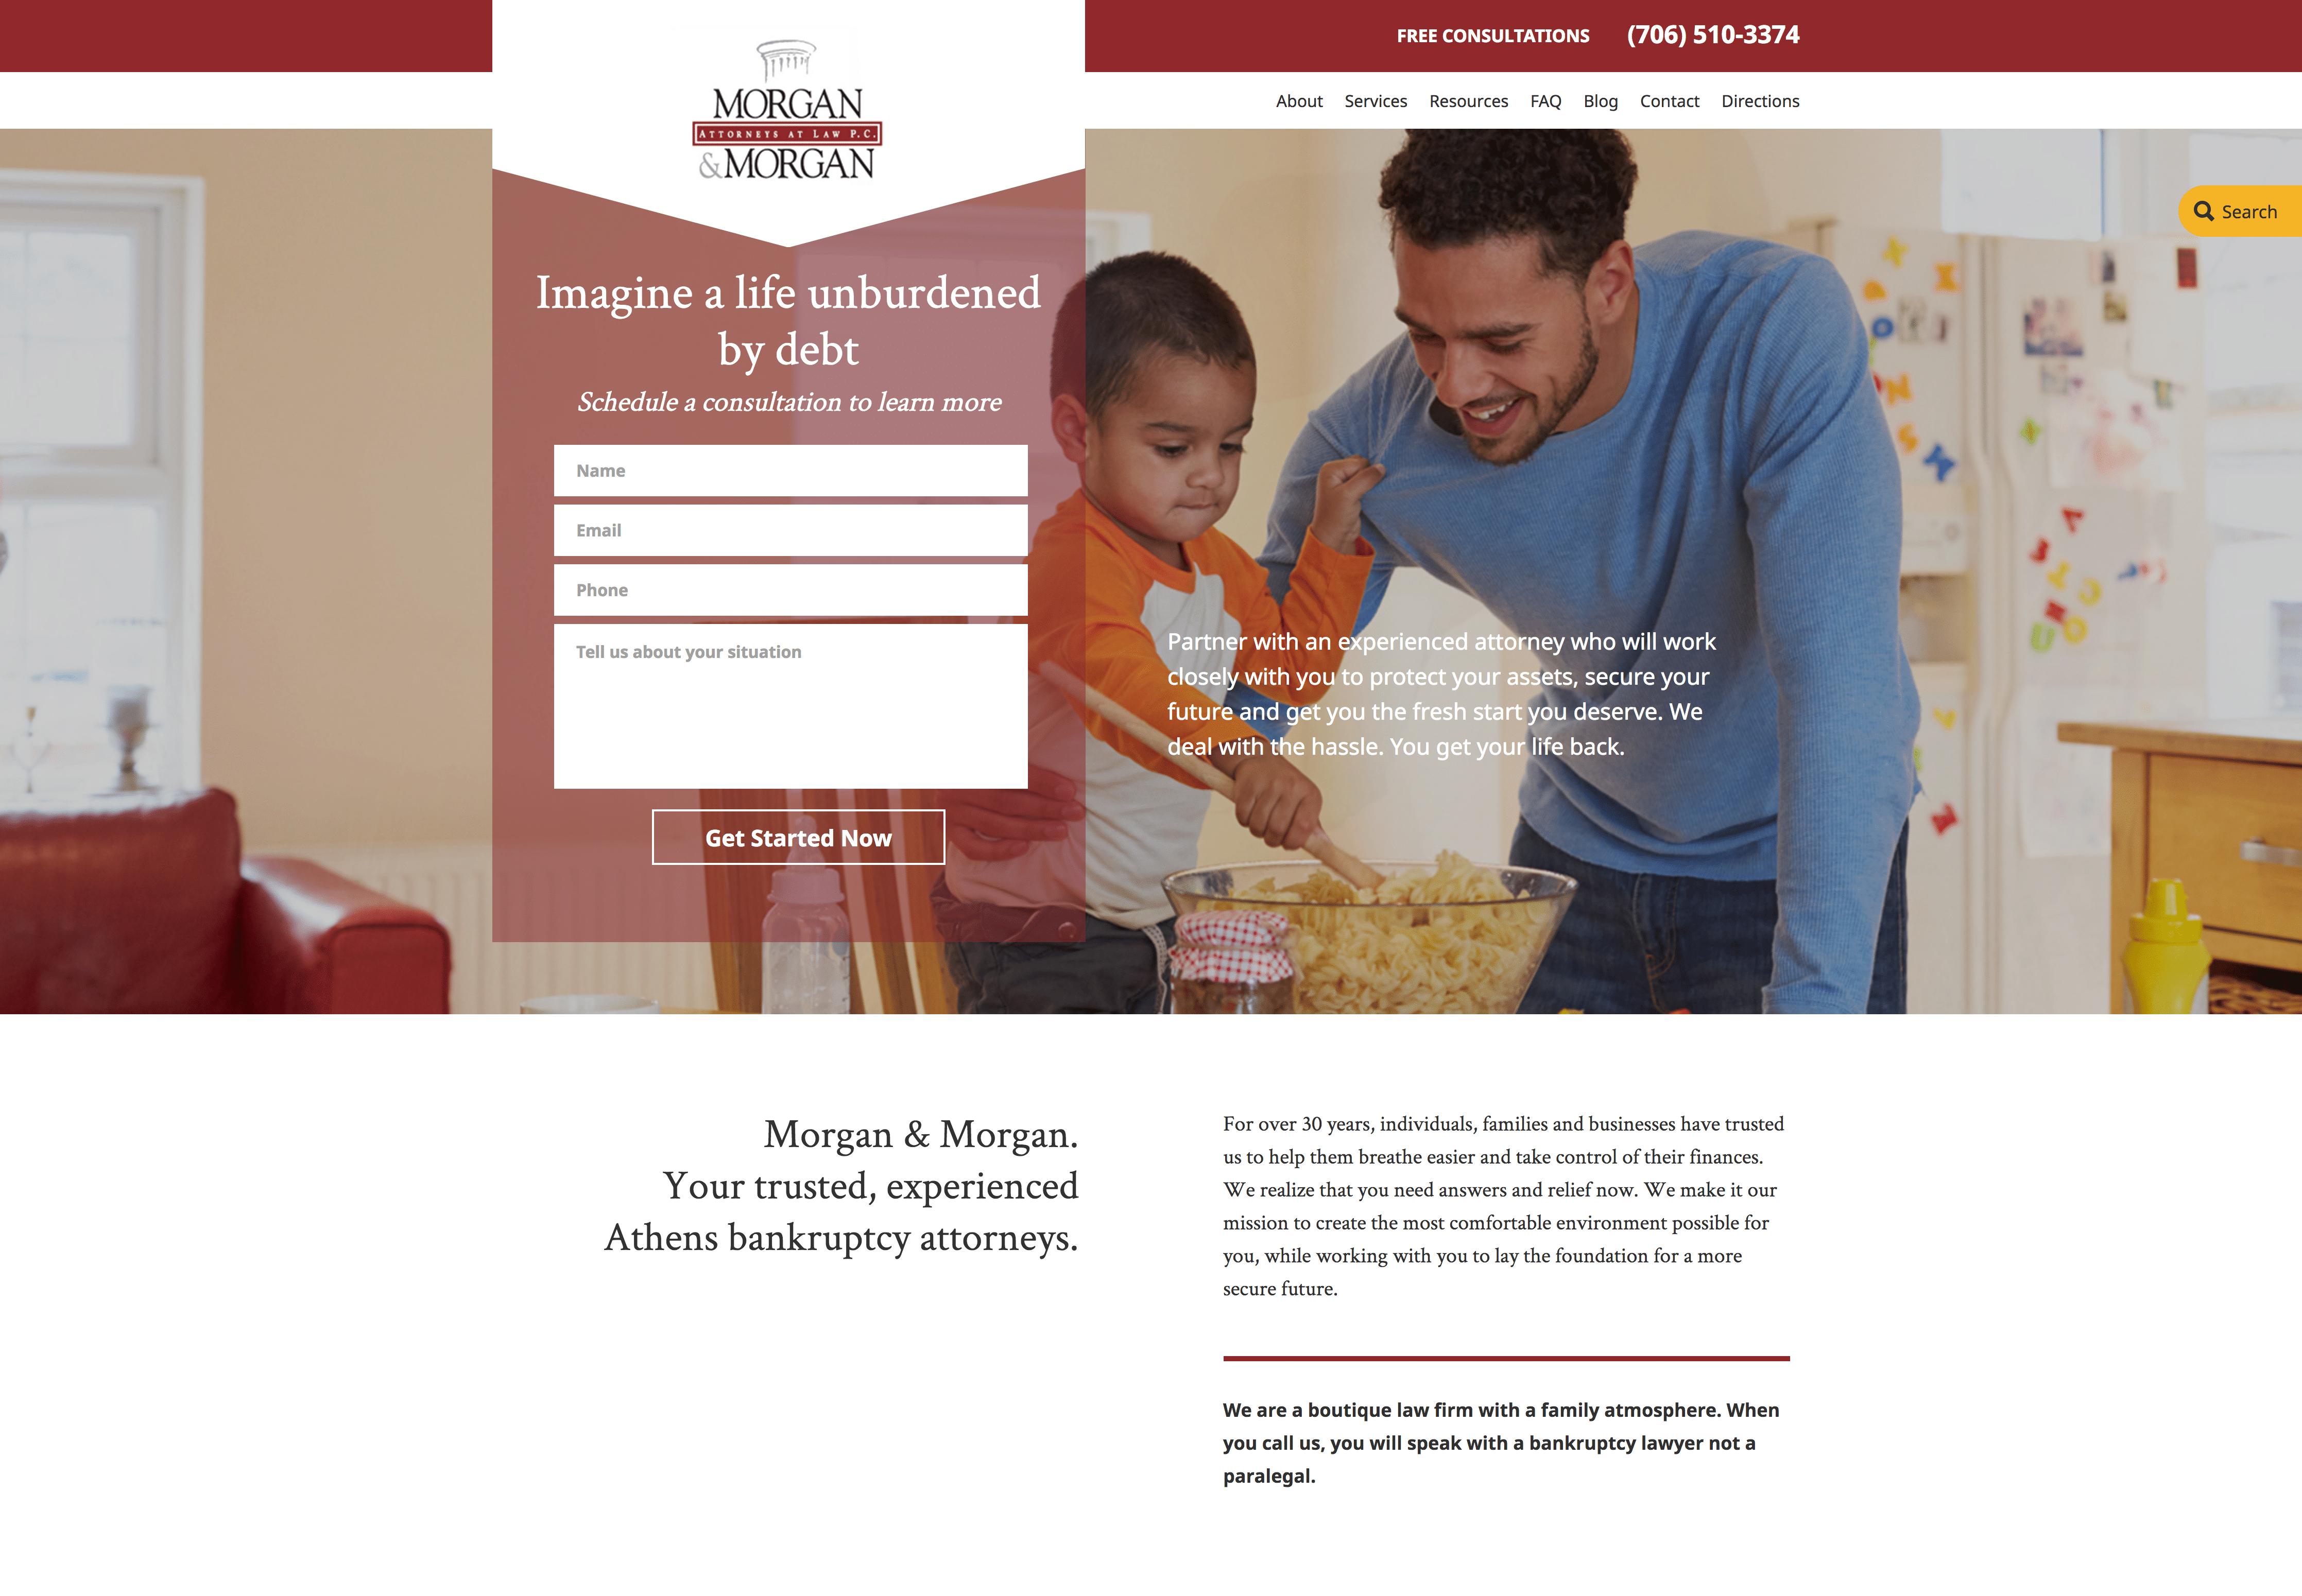 Morgan & Morgan homepage